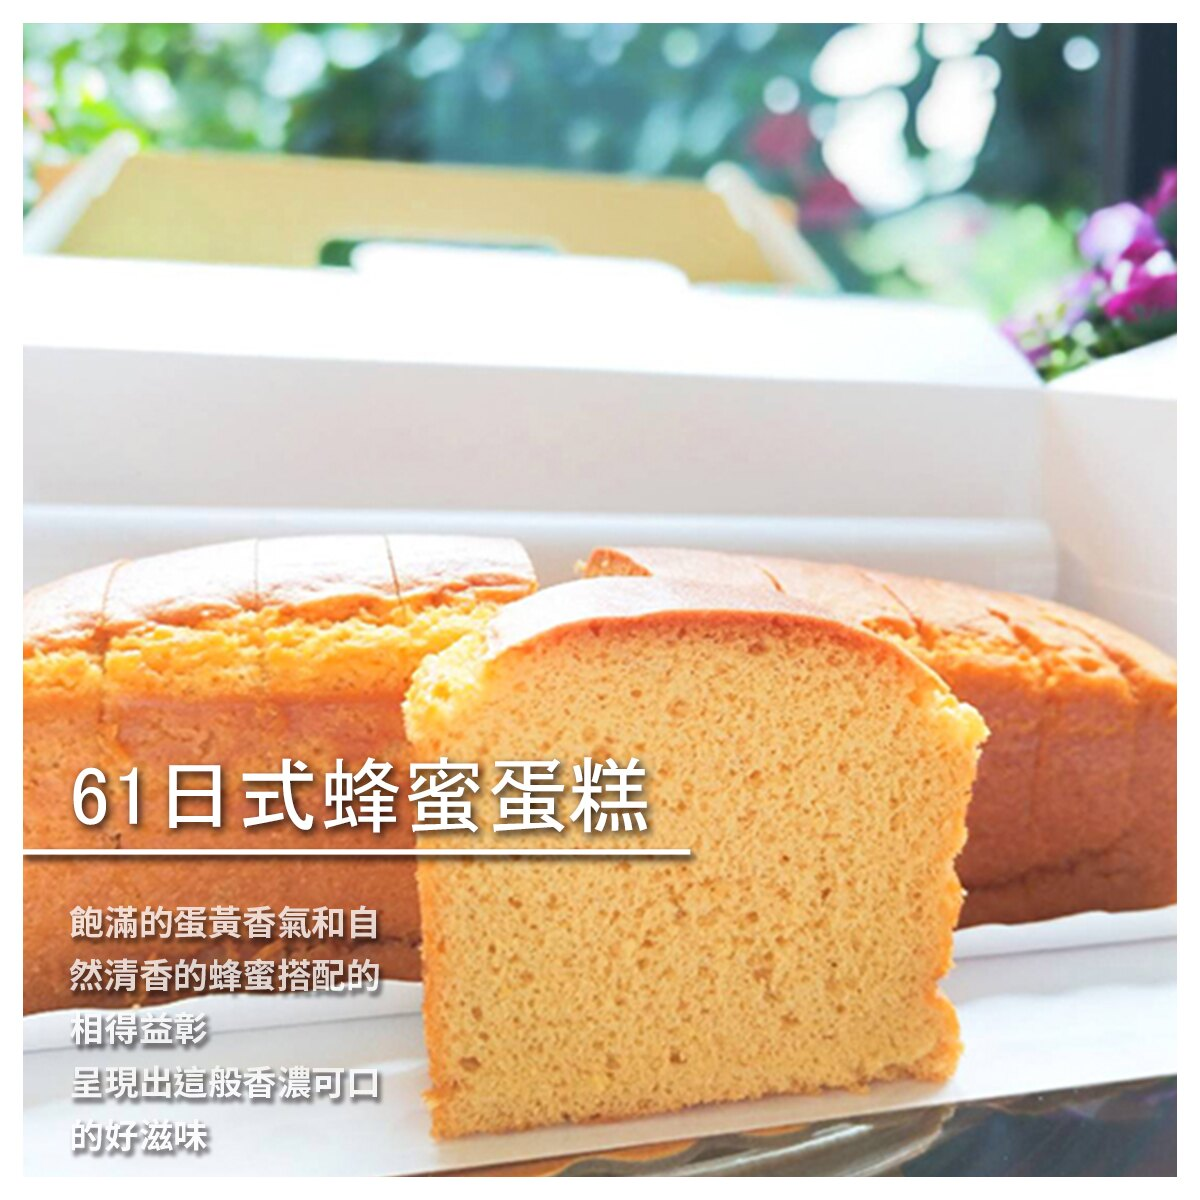 【永安61生態農場】61日式蜂蜜蛋糕